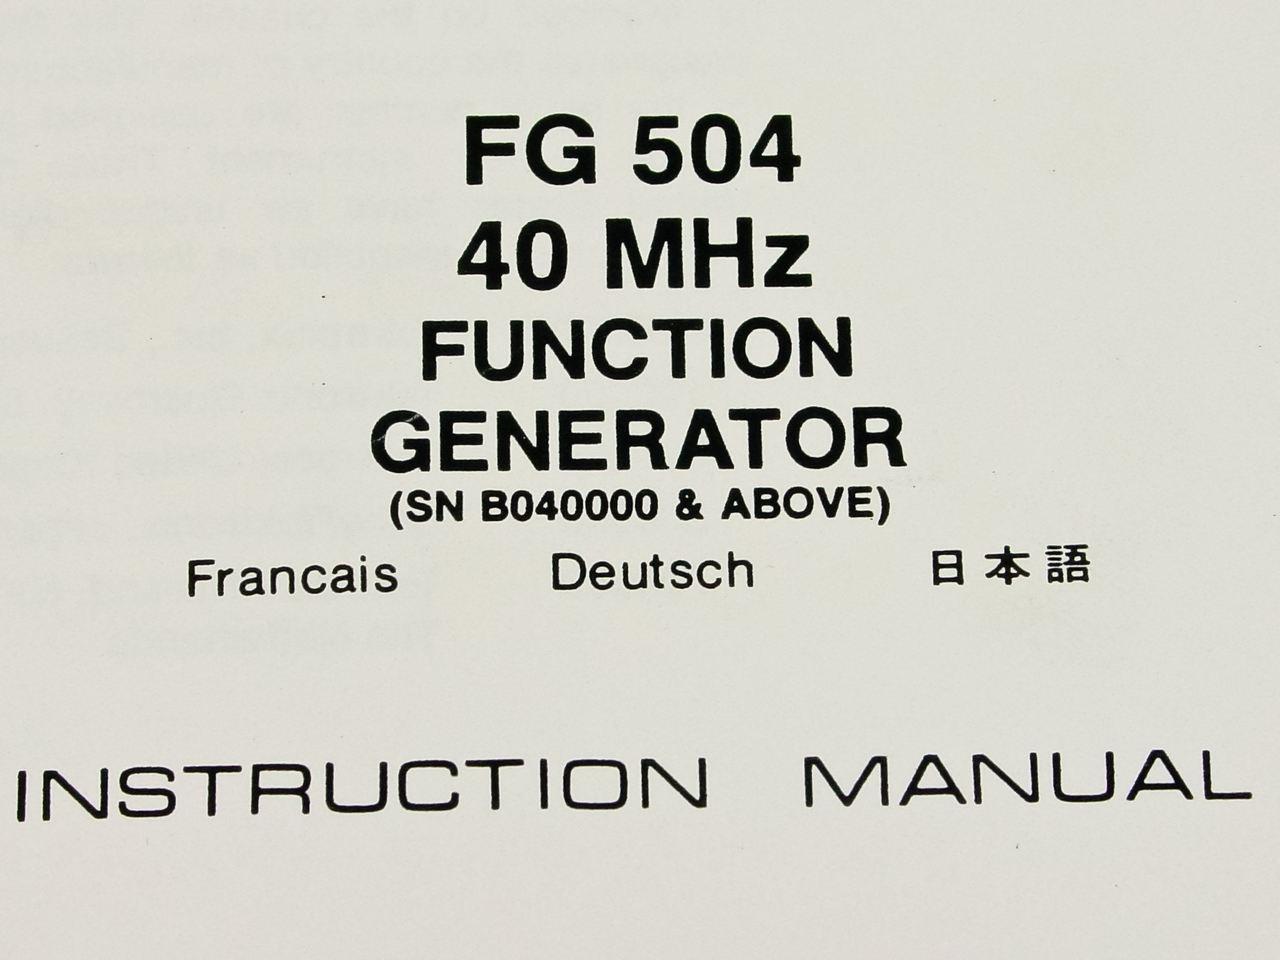 Tektronix FG504 40 MHz Function Generator Instruction